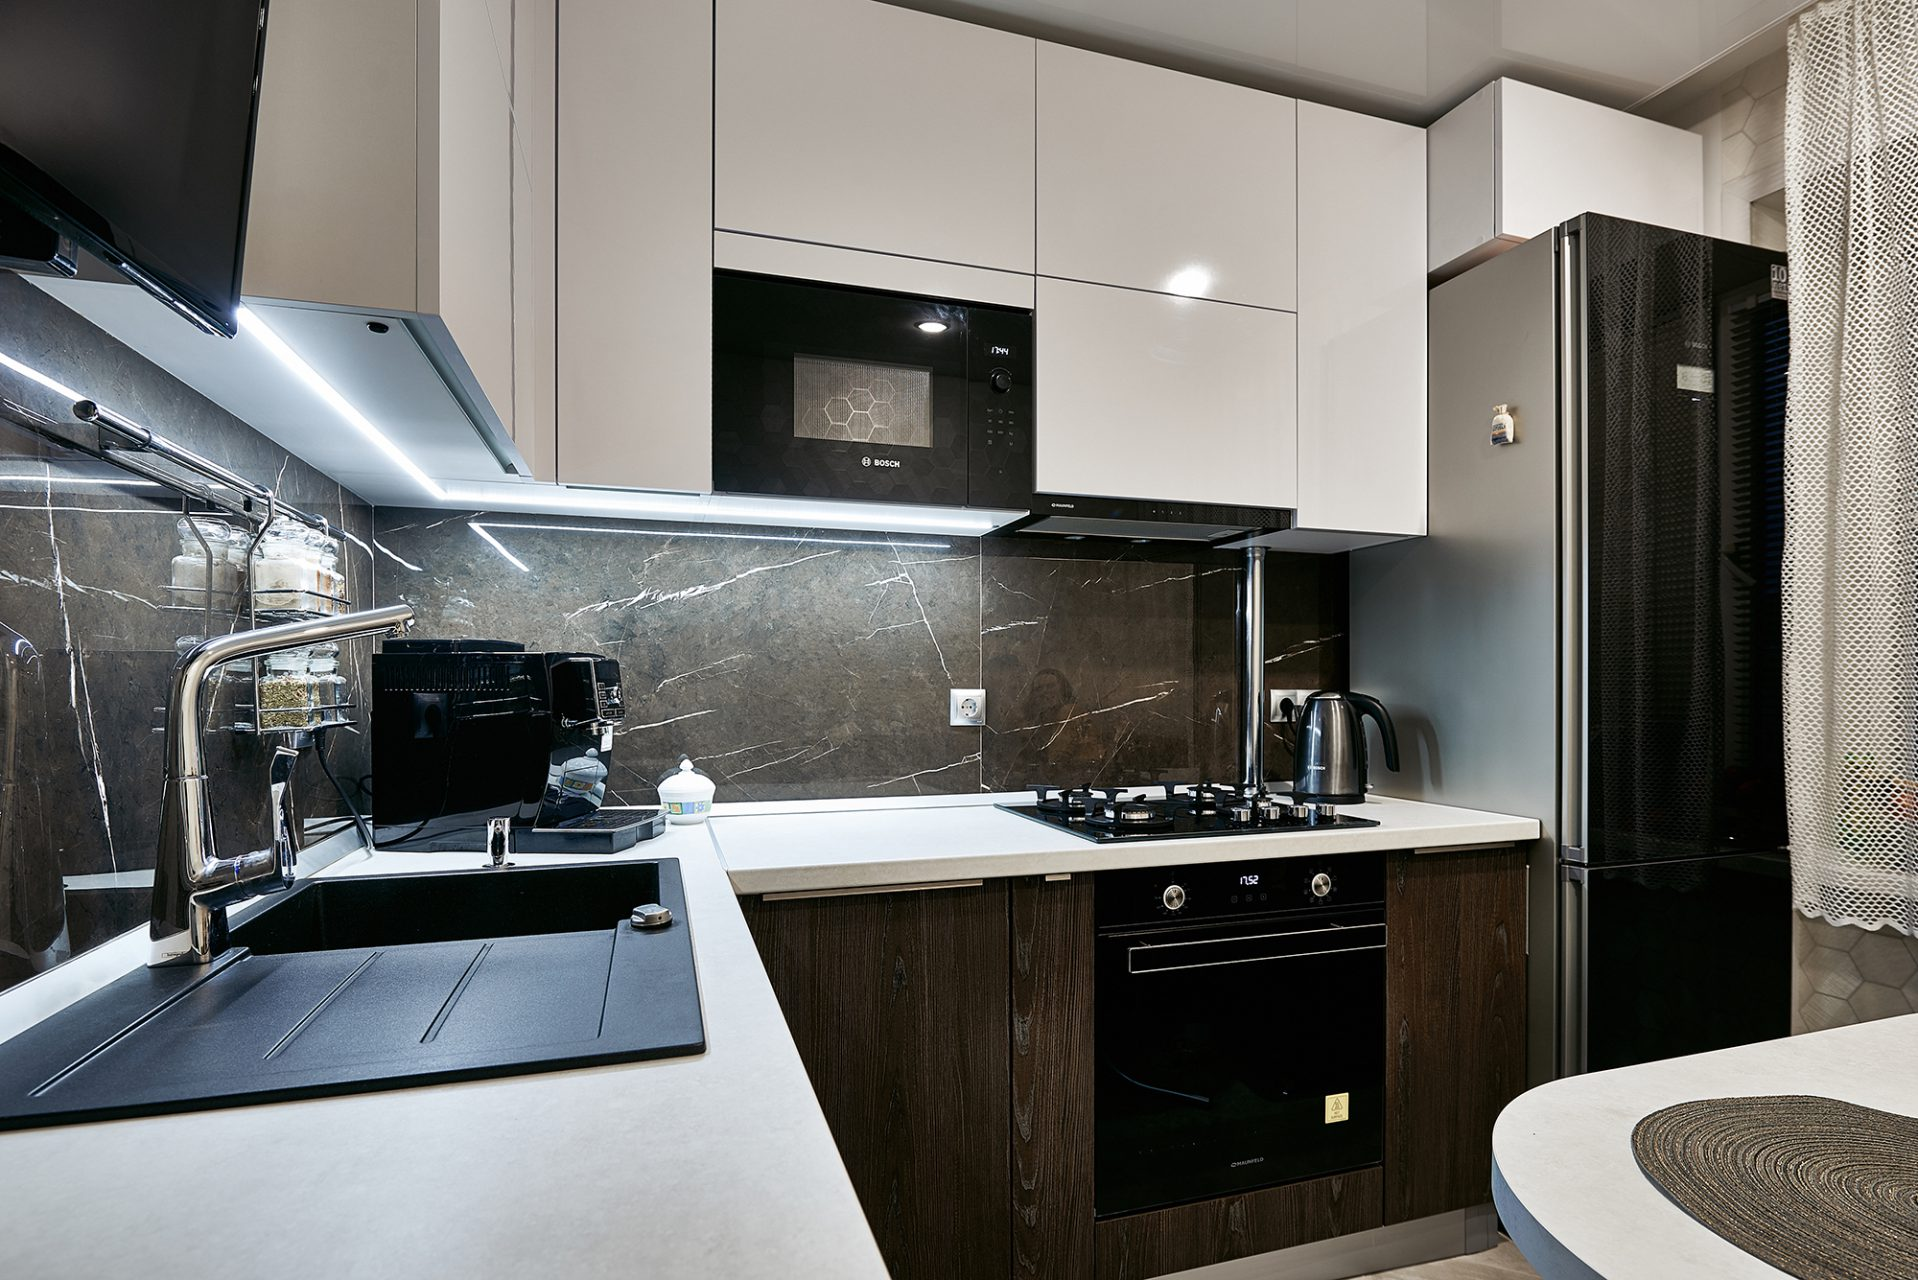 003_interior_kitchen4_korneychikeu